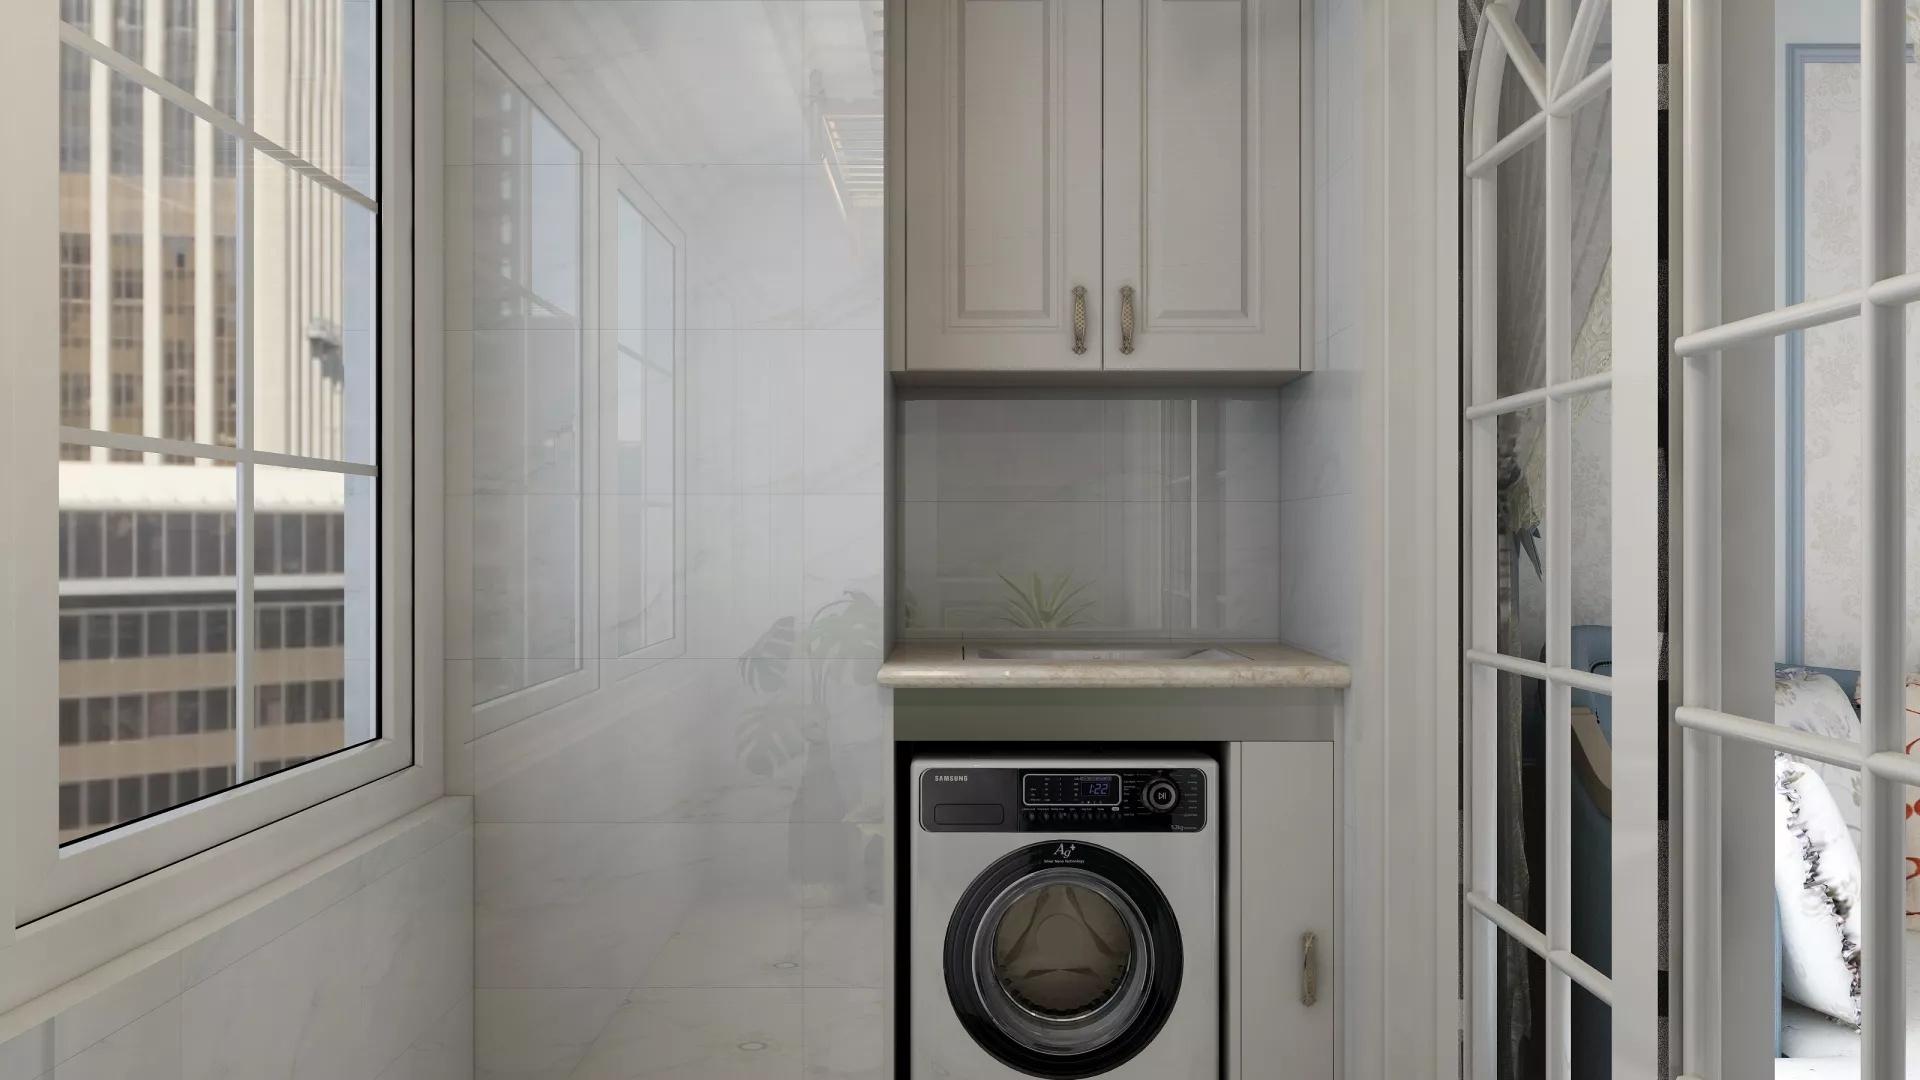 小卫生间淋浴房如何装修 小卫生间淋浴房保养